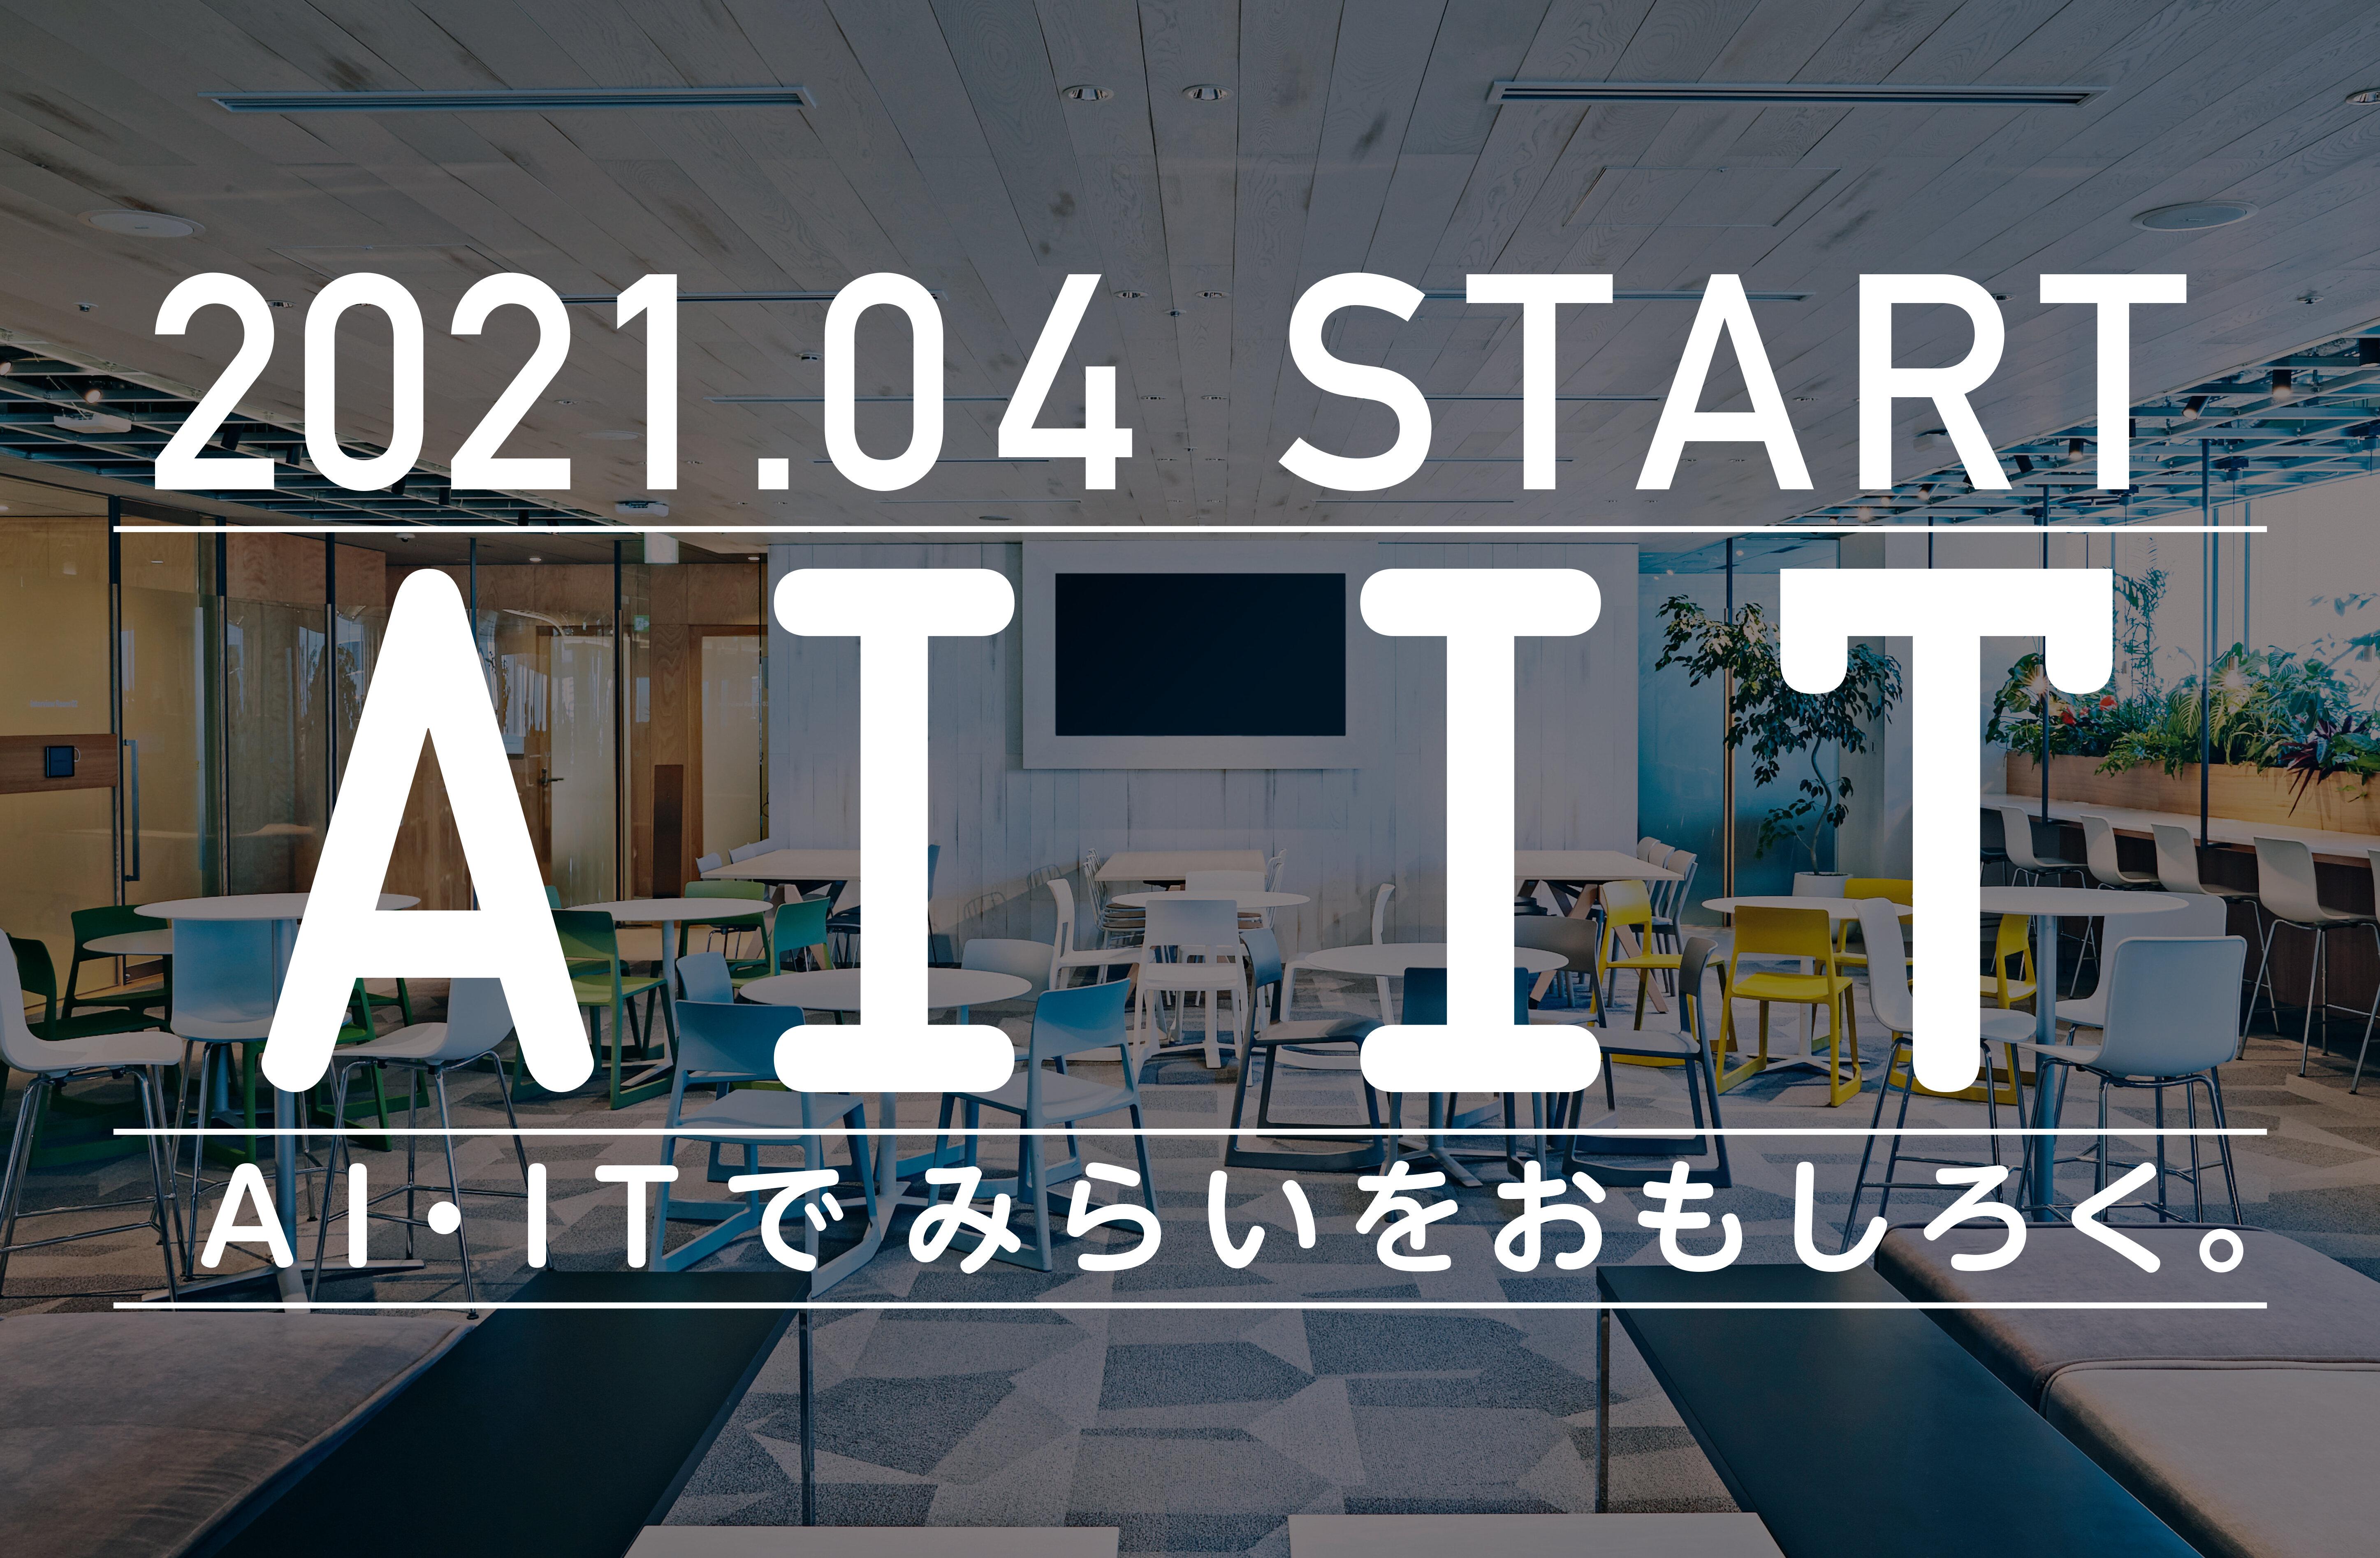 【重要】東京みらいAI&IT専門学校 認可のお知らせ